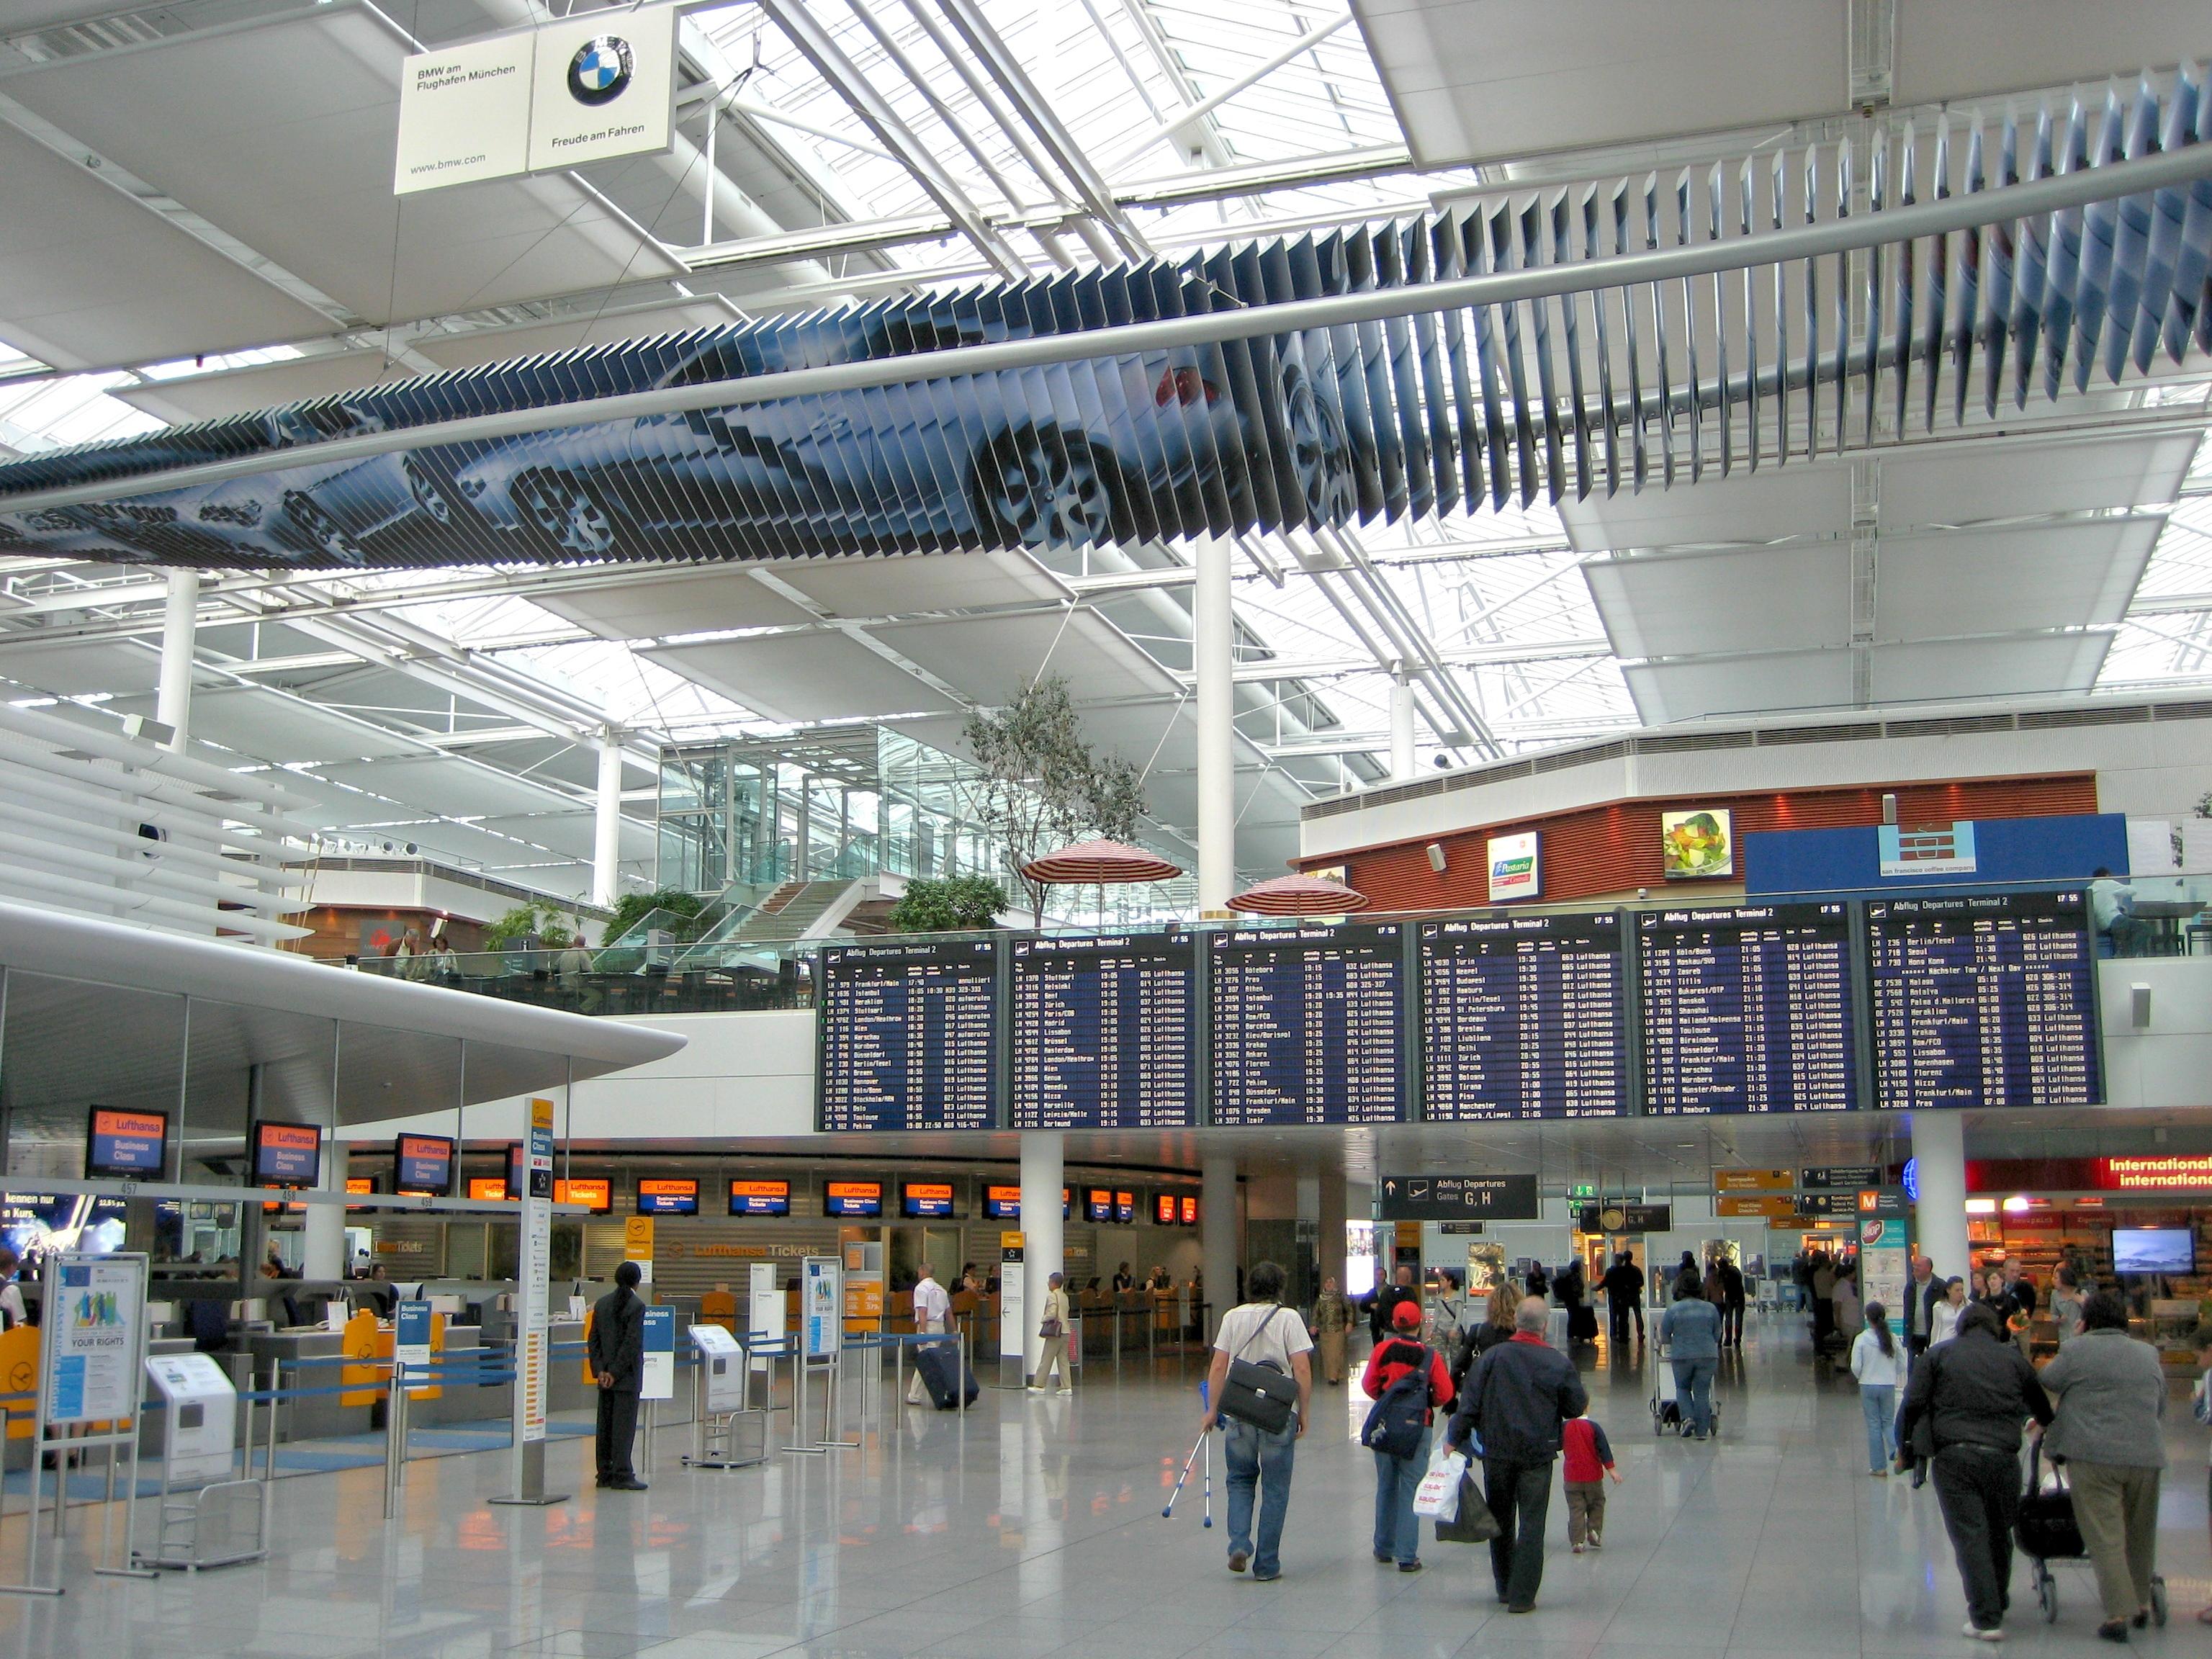 Departure hall terminal lufthansa check in desks franz josef